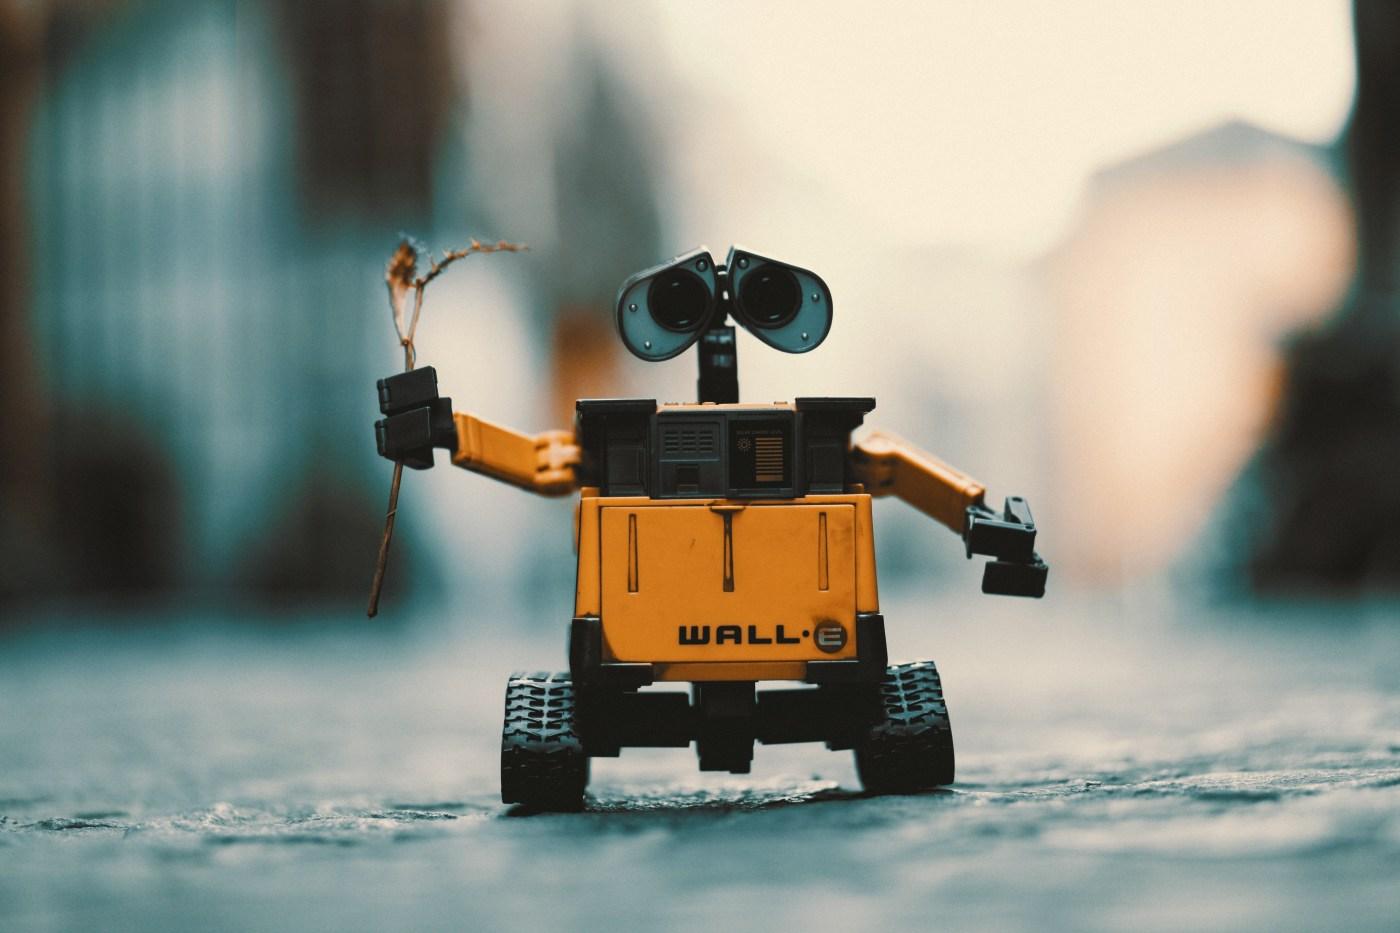 wall-e bot